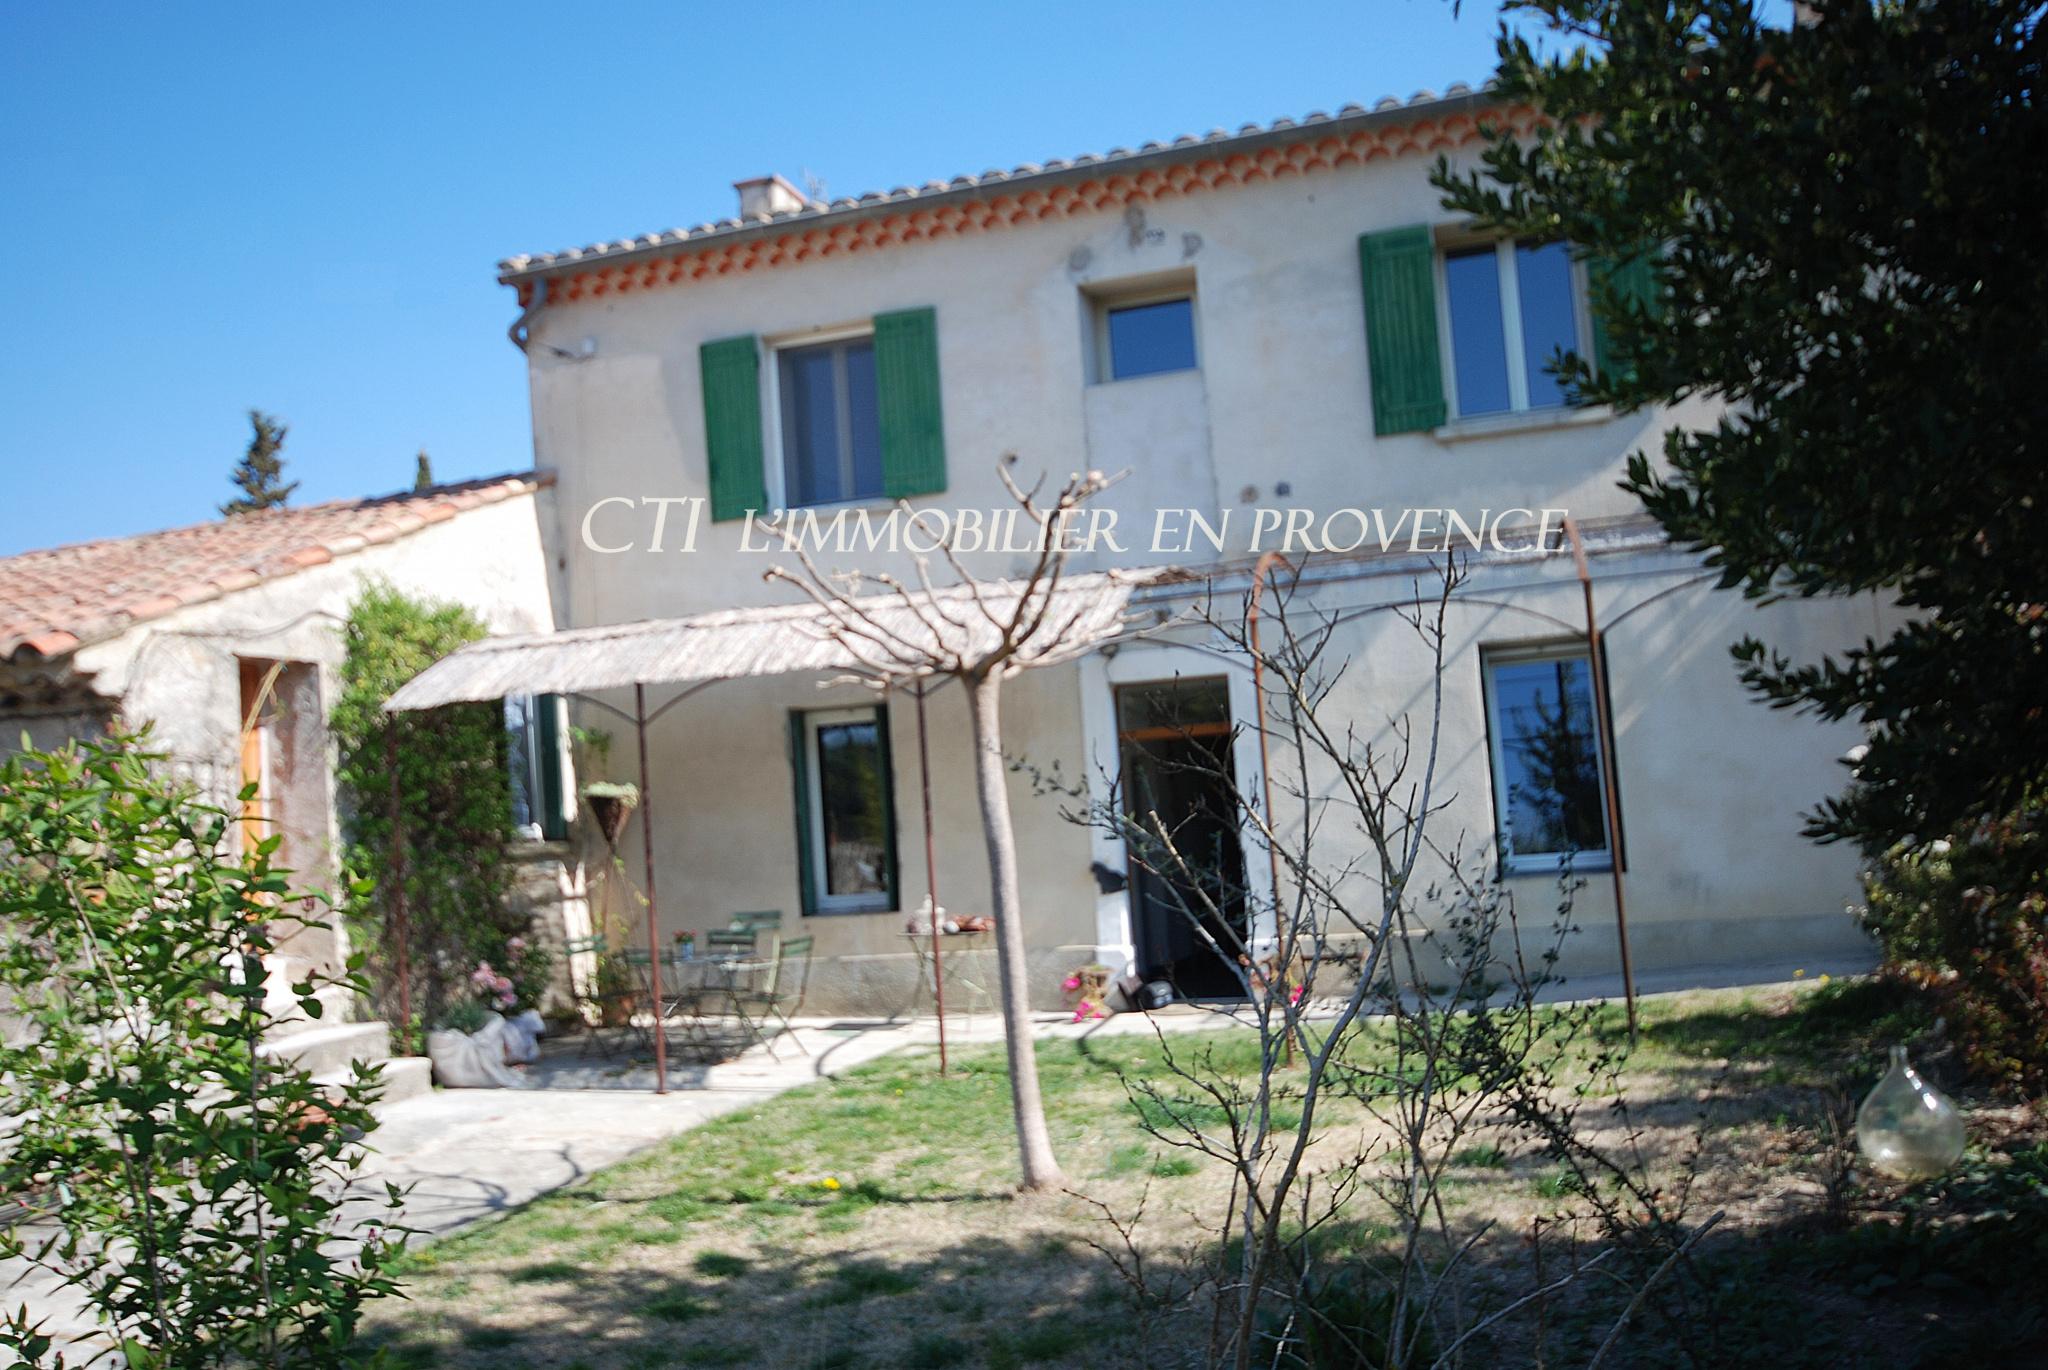 0 www.cti-provence.net A VENDRE ANCIENNE FERME 2 HABITATIONS DEPENDANCES POSS GITES CHAMBRES D' HOTE